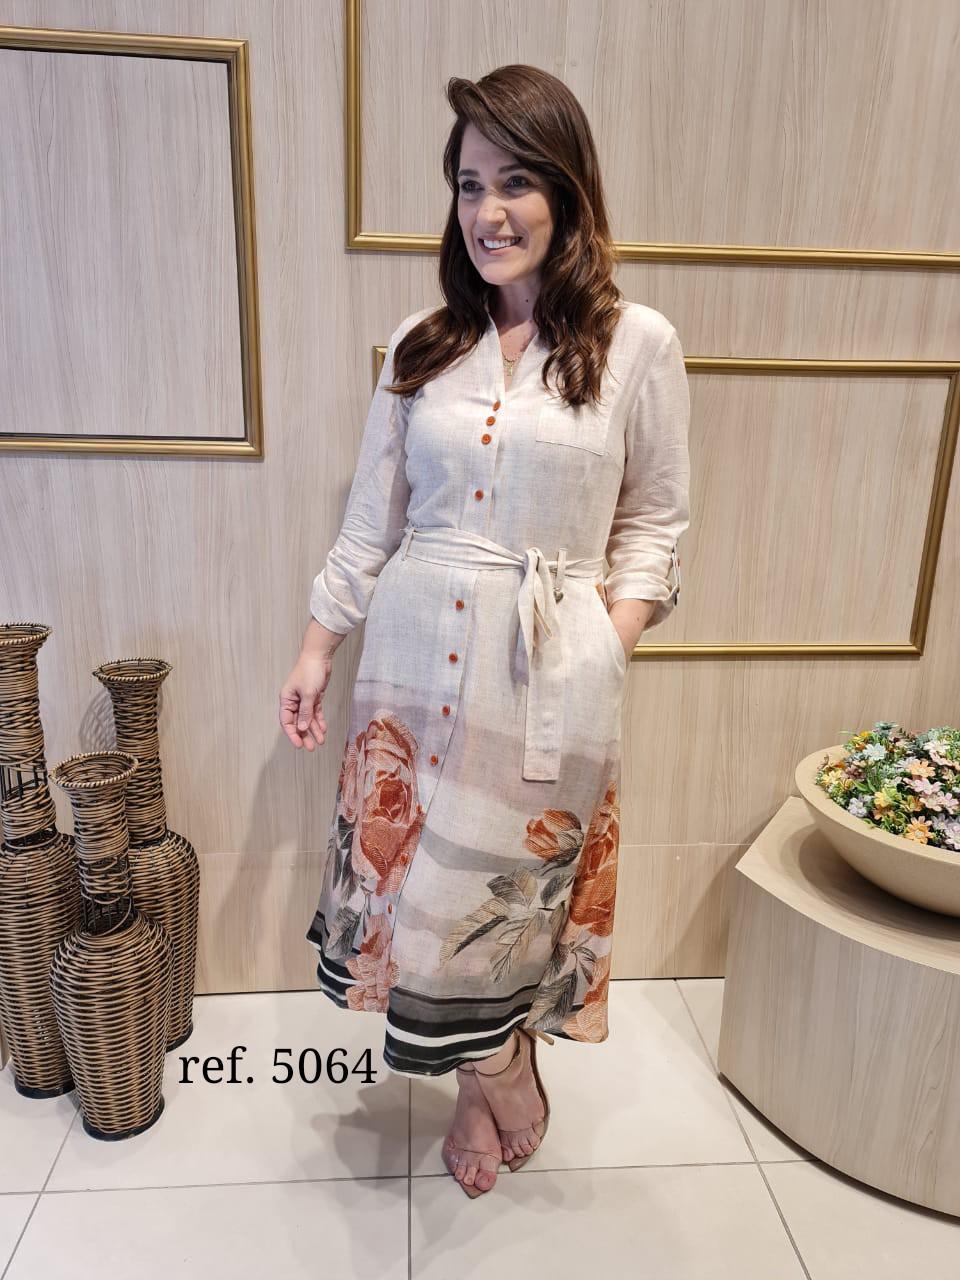 Vestido Viscose Pre Lavado - Moda Evangélica Cechiq (5064 E)